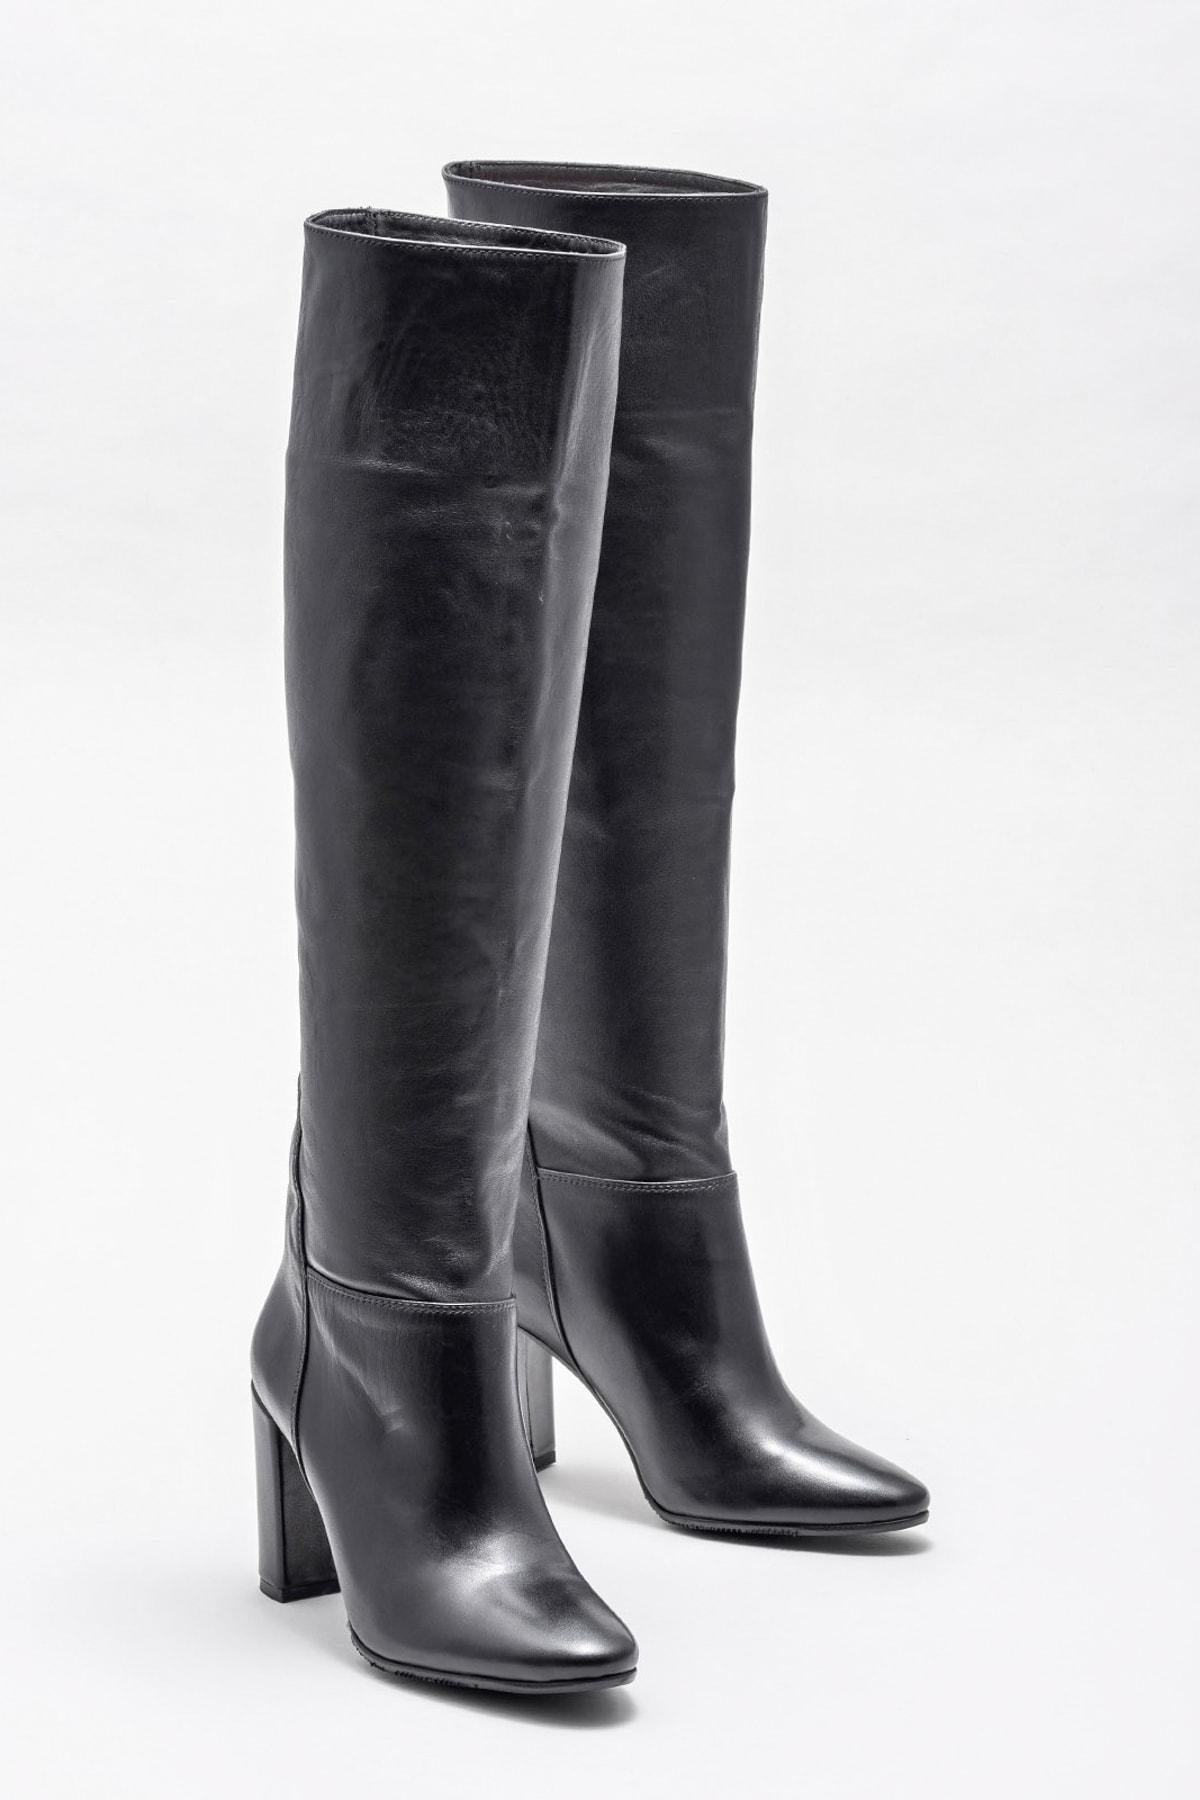 Elle Shoes Kadın DAUNAR Çizme 20KMK308-3657 1